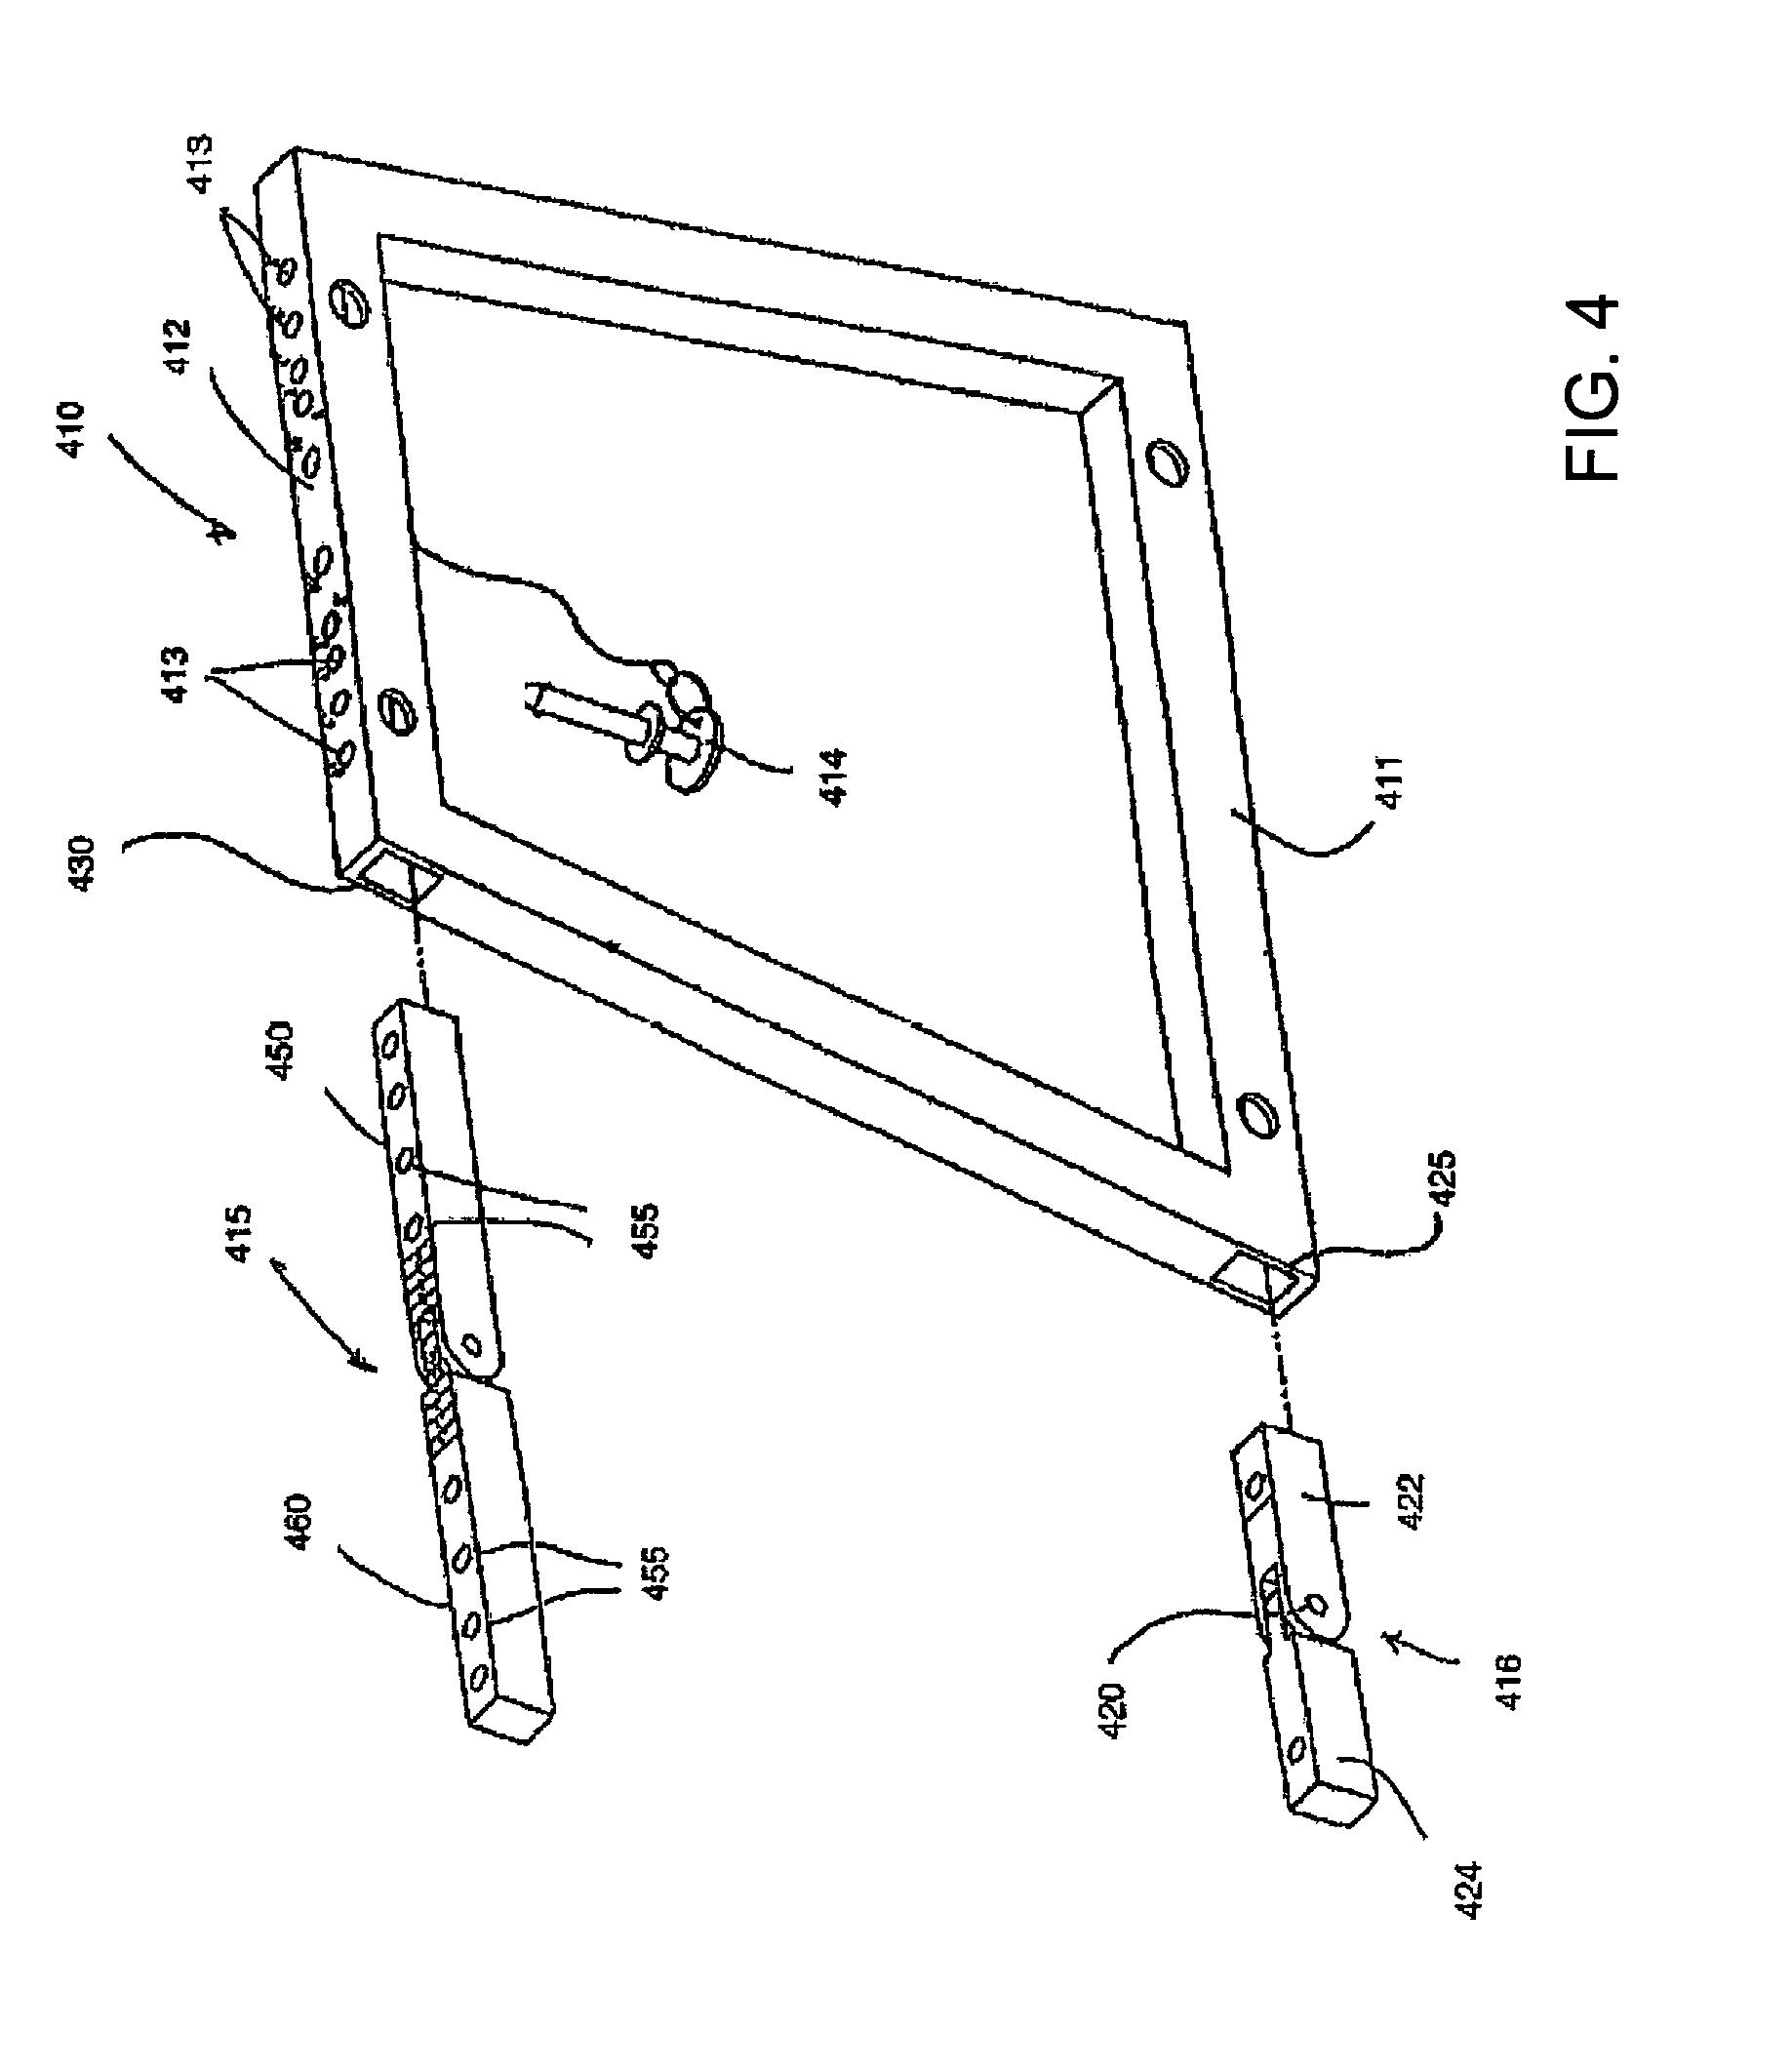 patent us8170263